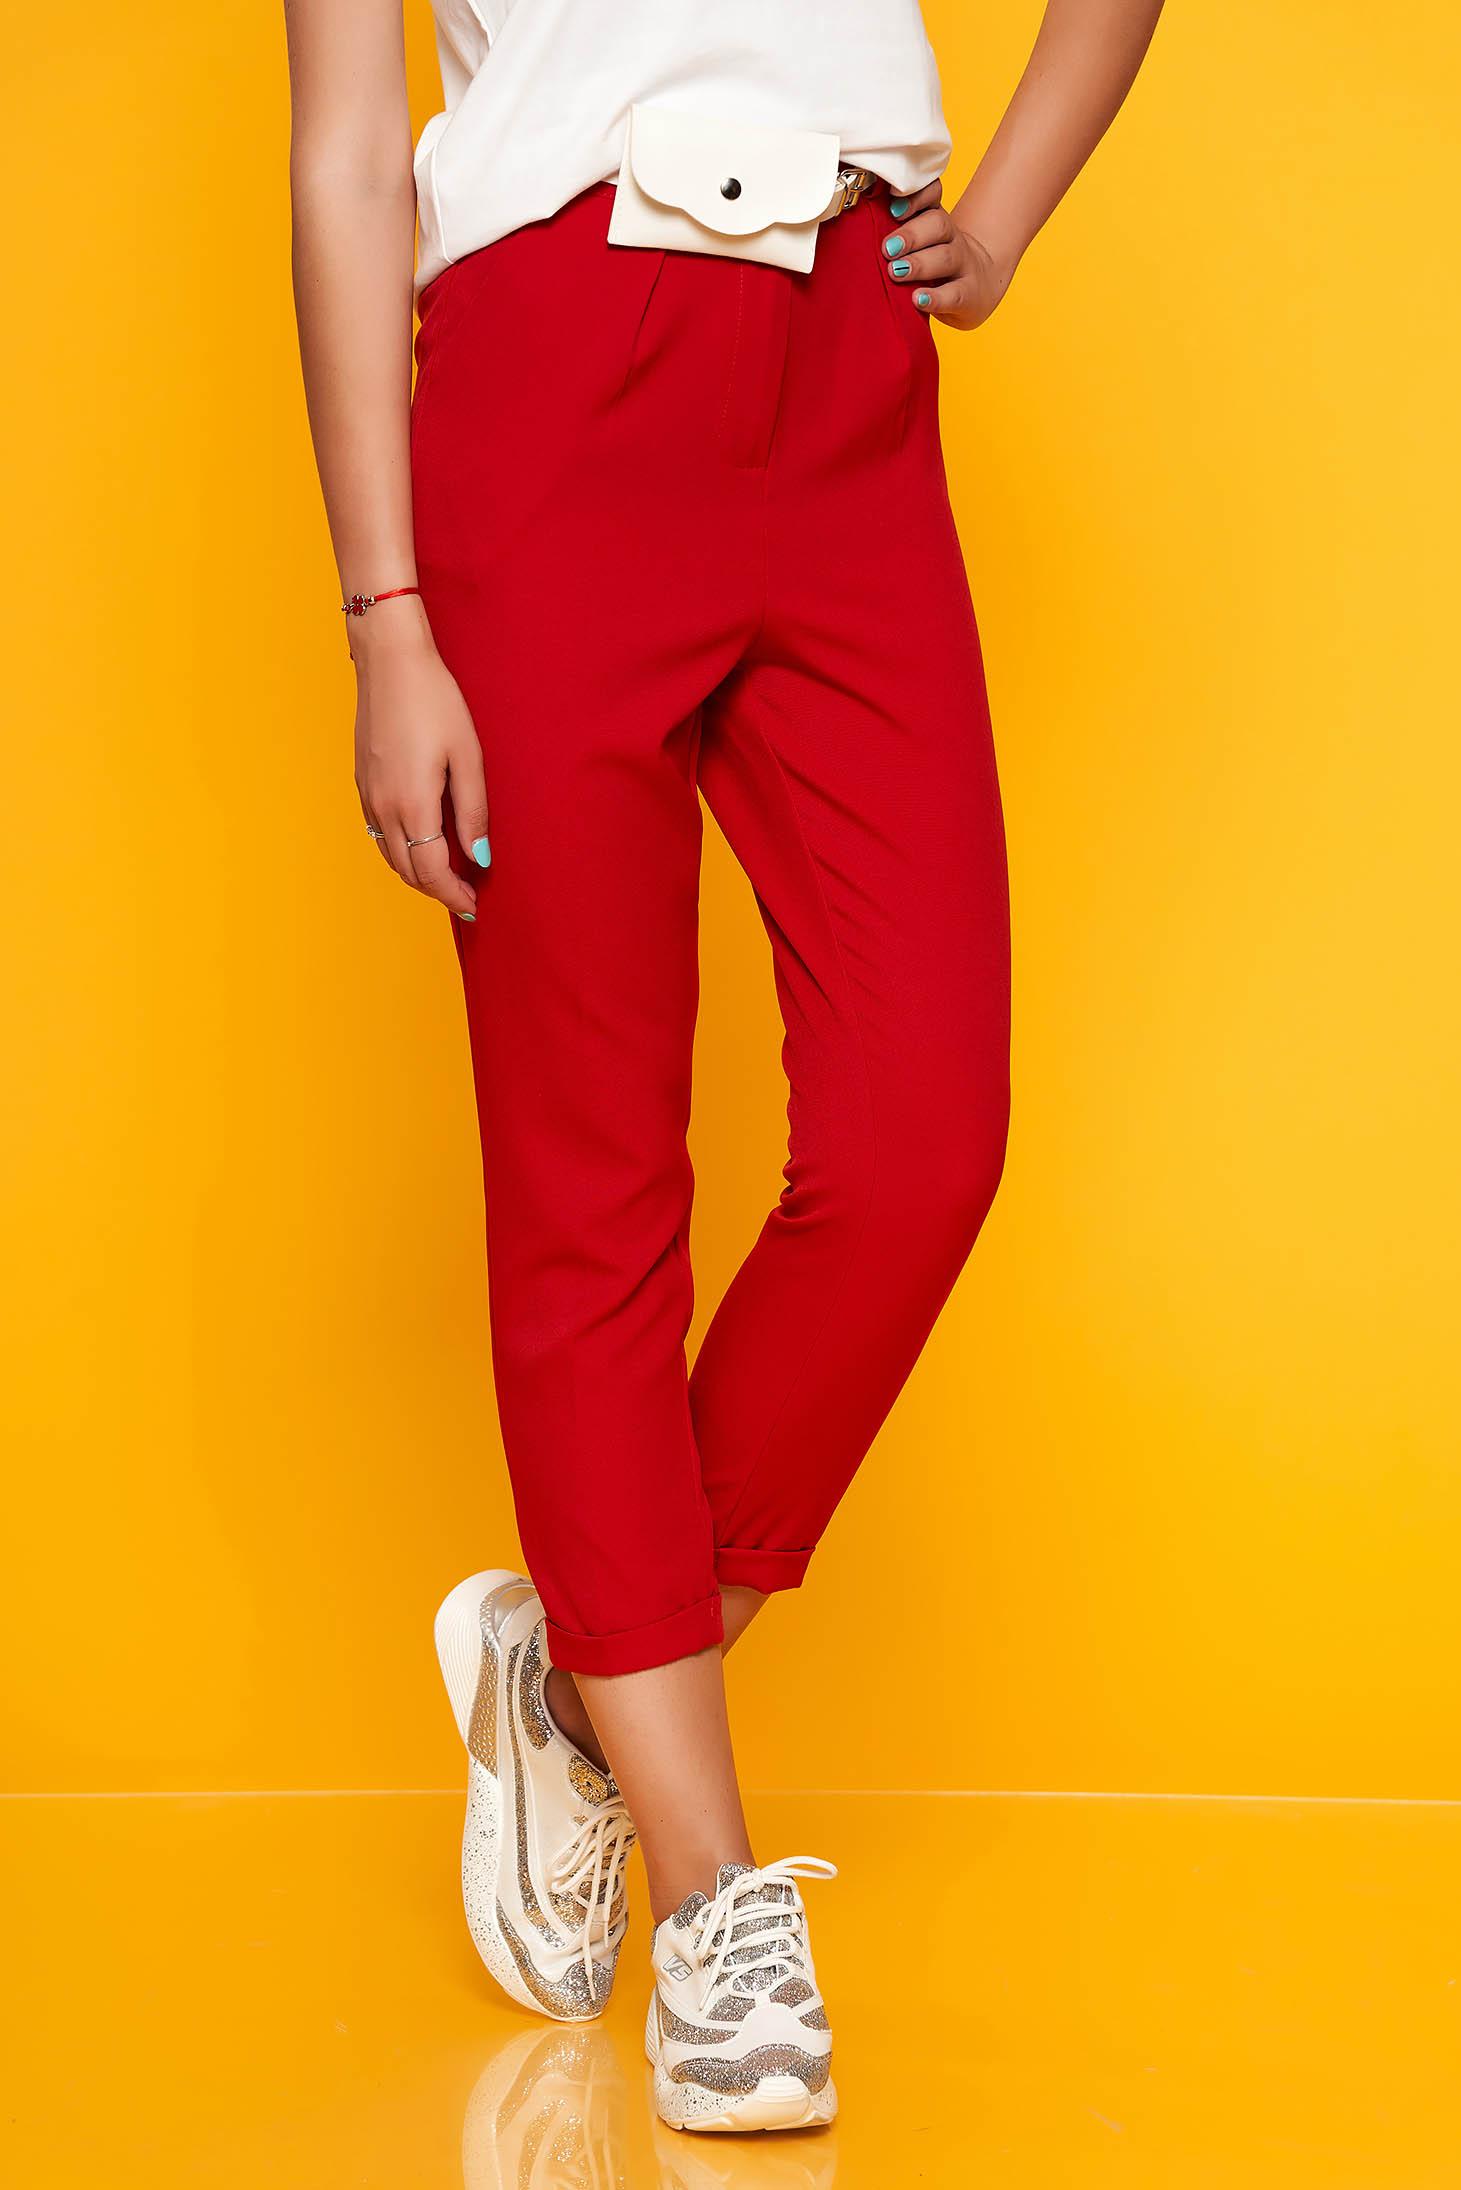 Piros casual egyenes zsebes nadrág öv típusú kiegészítővel